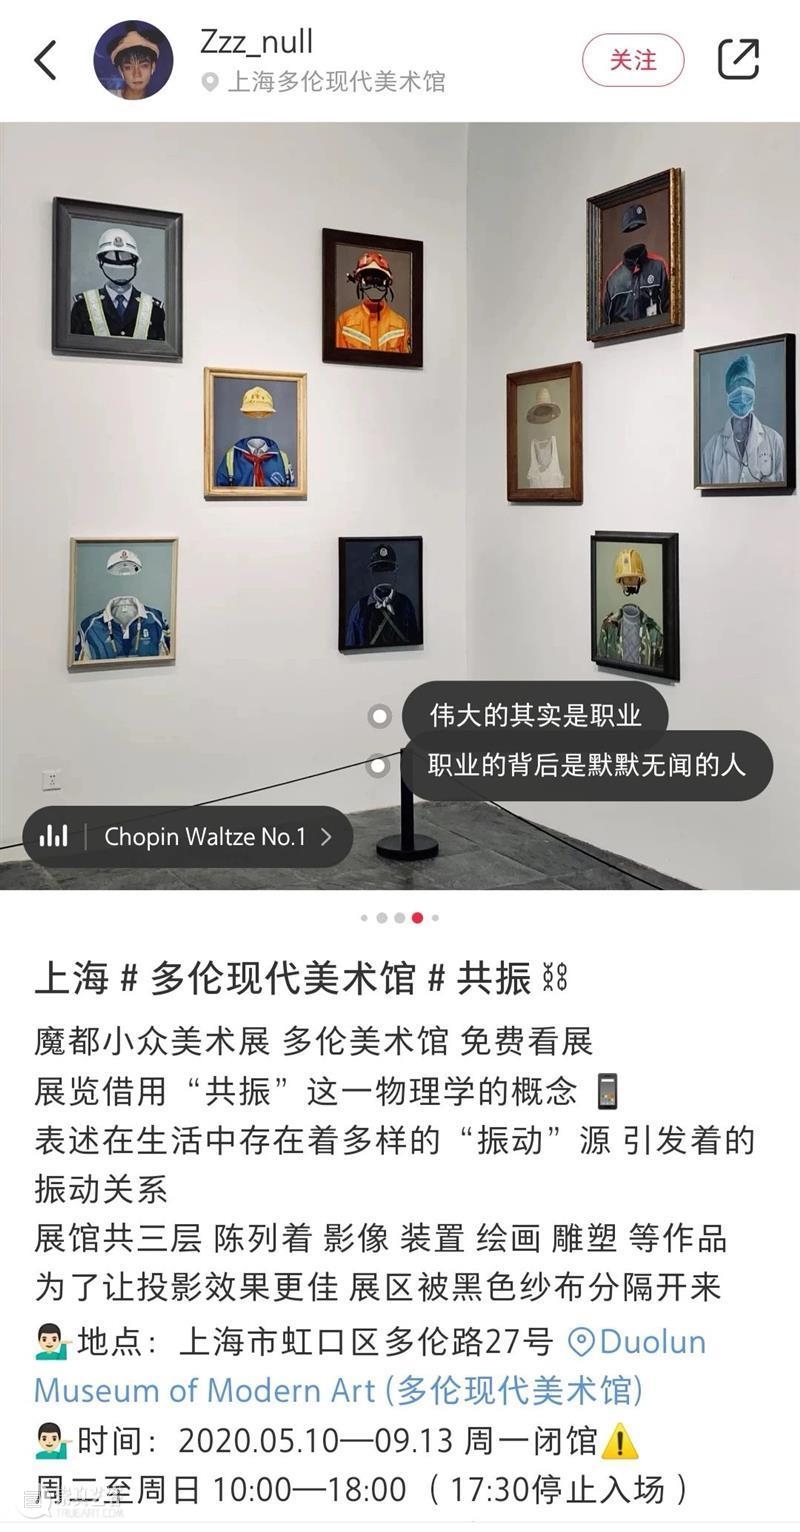 影像征集 | 镜头下的多伦 博文精选 多伦 影像 多伦 镜头 回忆 记忆 深处 时间 美术馆 过去 活动 崇真艺客